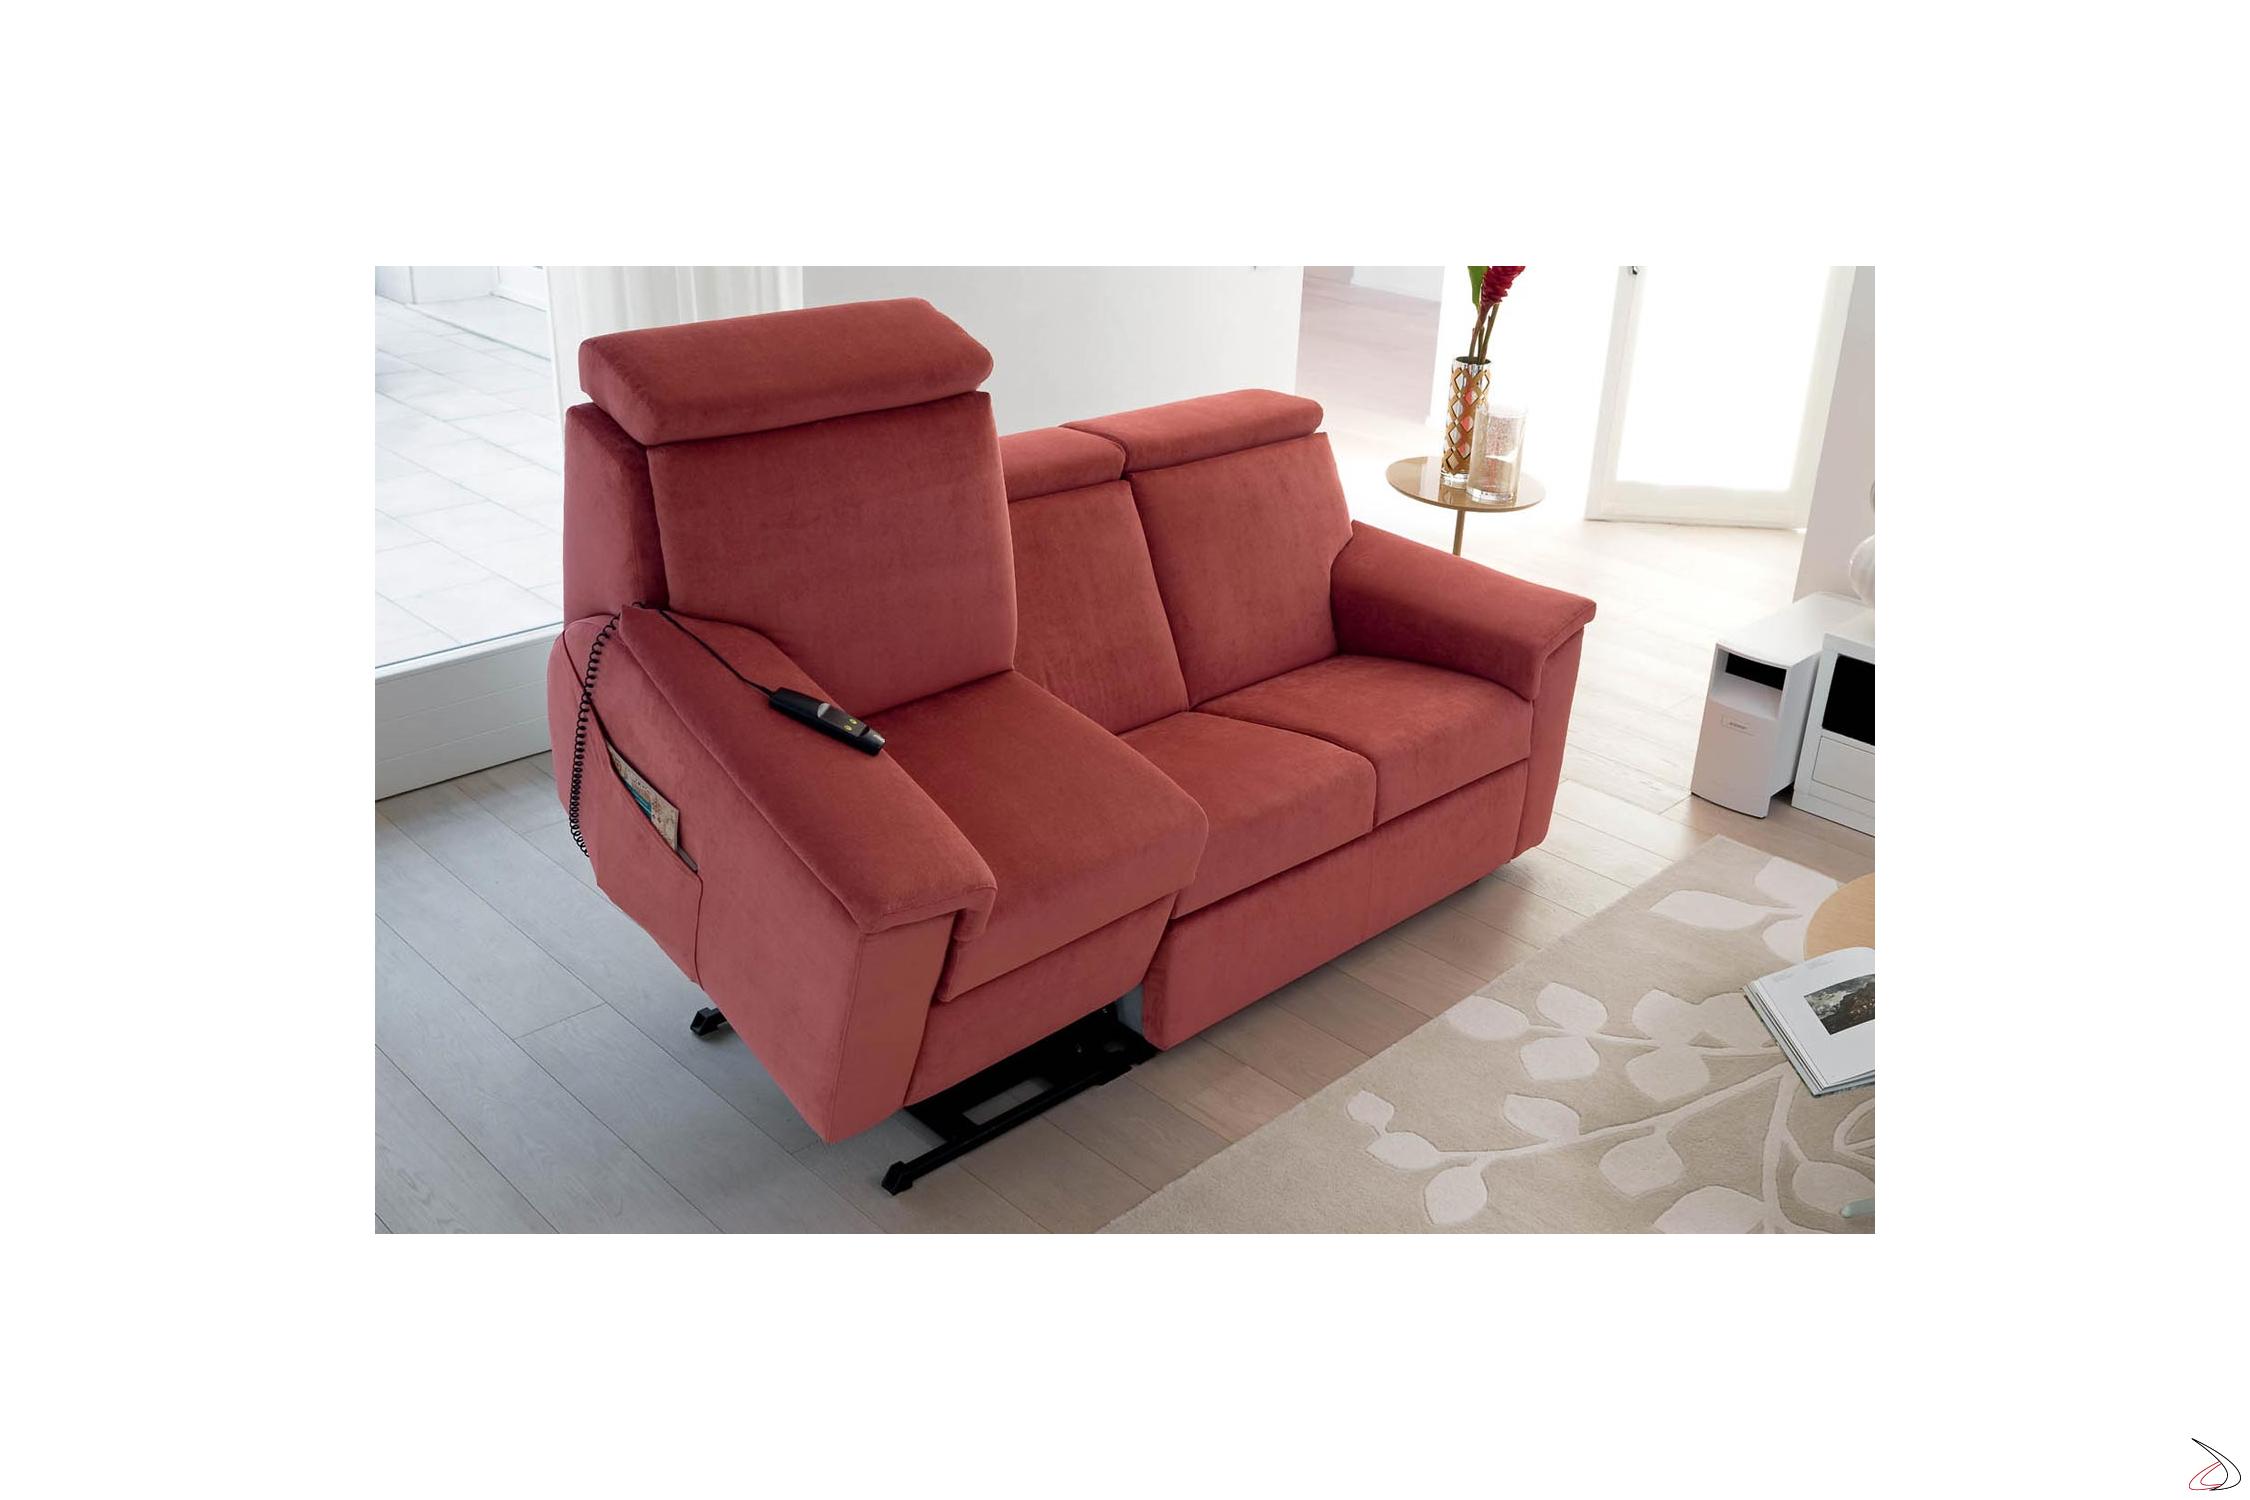 Divano Letto Meccanismo Elettrico.Relax Sofa With Argo Uplift Person Toparredi Arredo Design Online